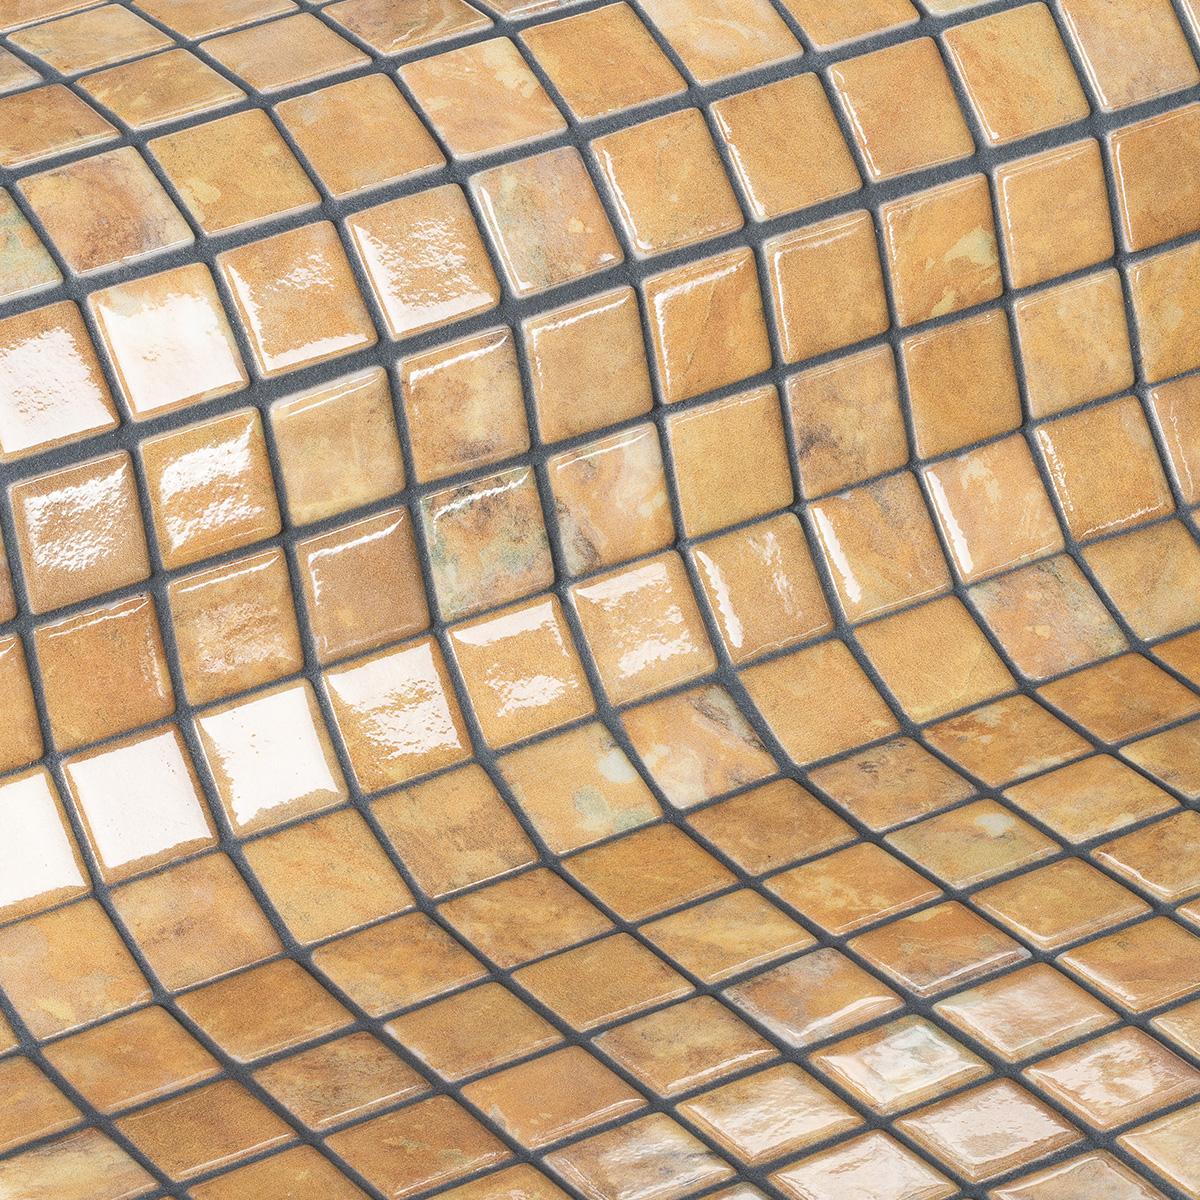 Стеклянная мозаика Garnet завода Ezarri из новой коллекции Gemma.